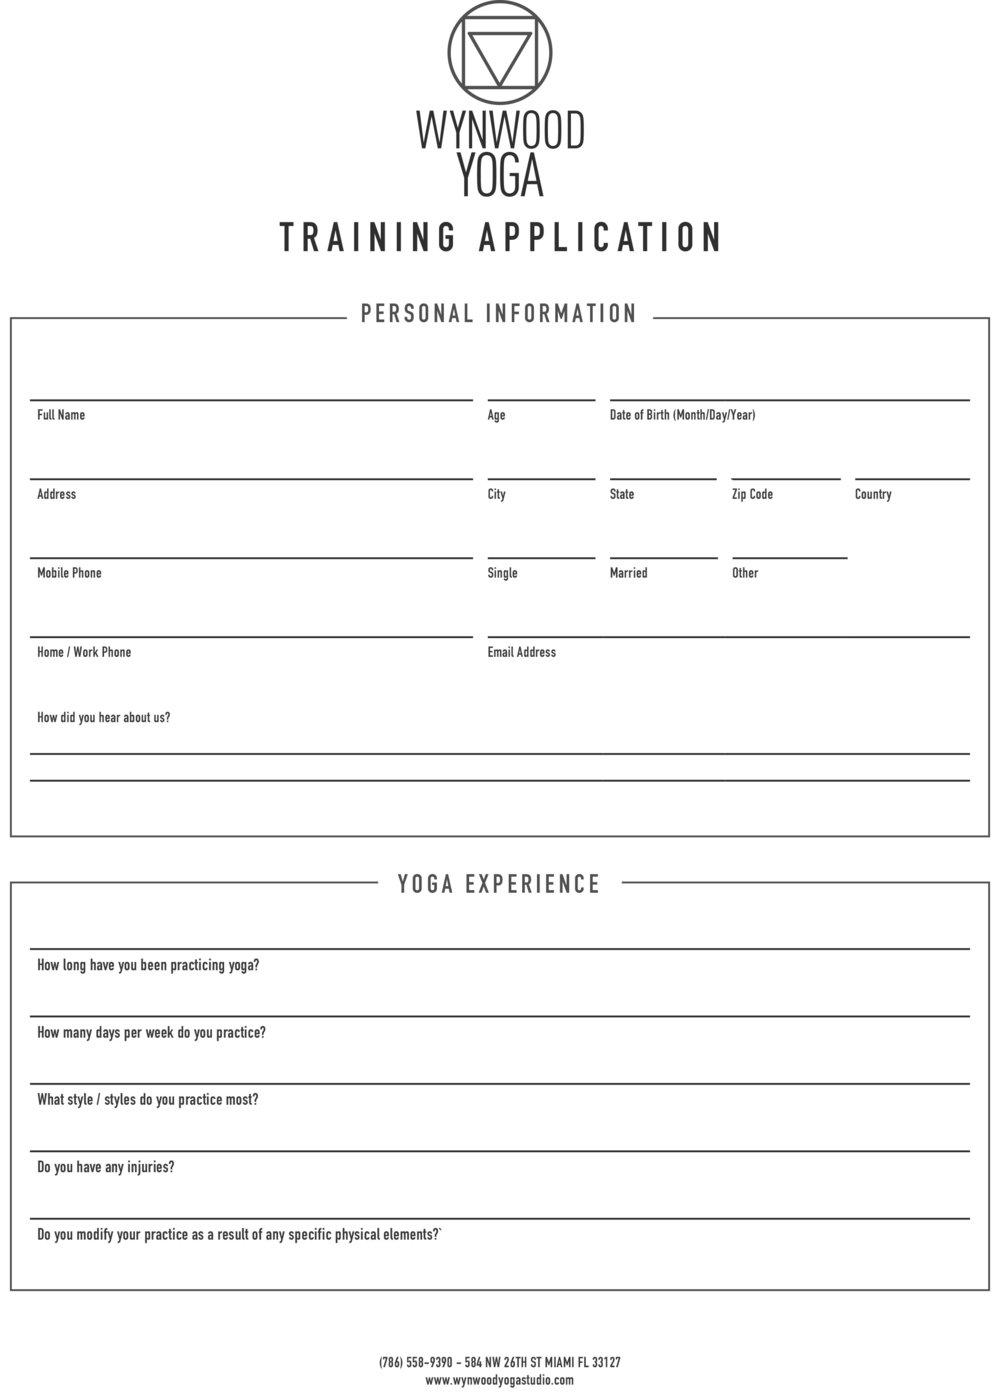 TT form 1